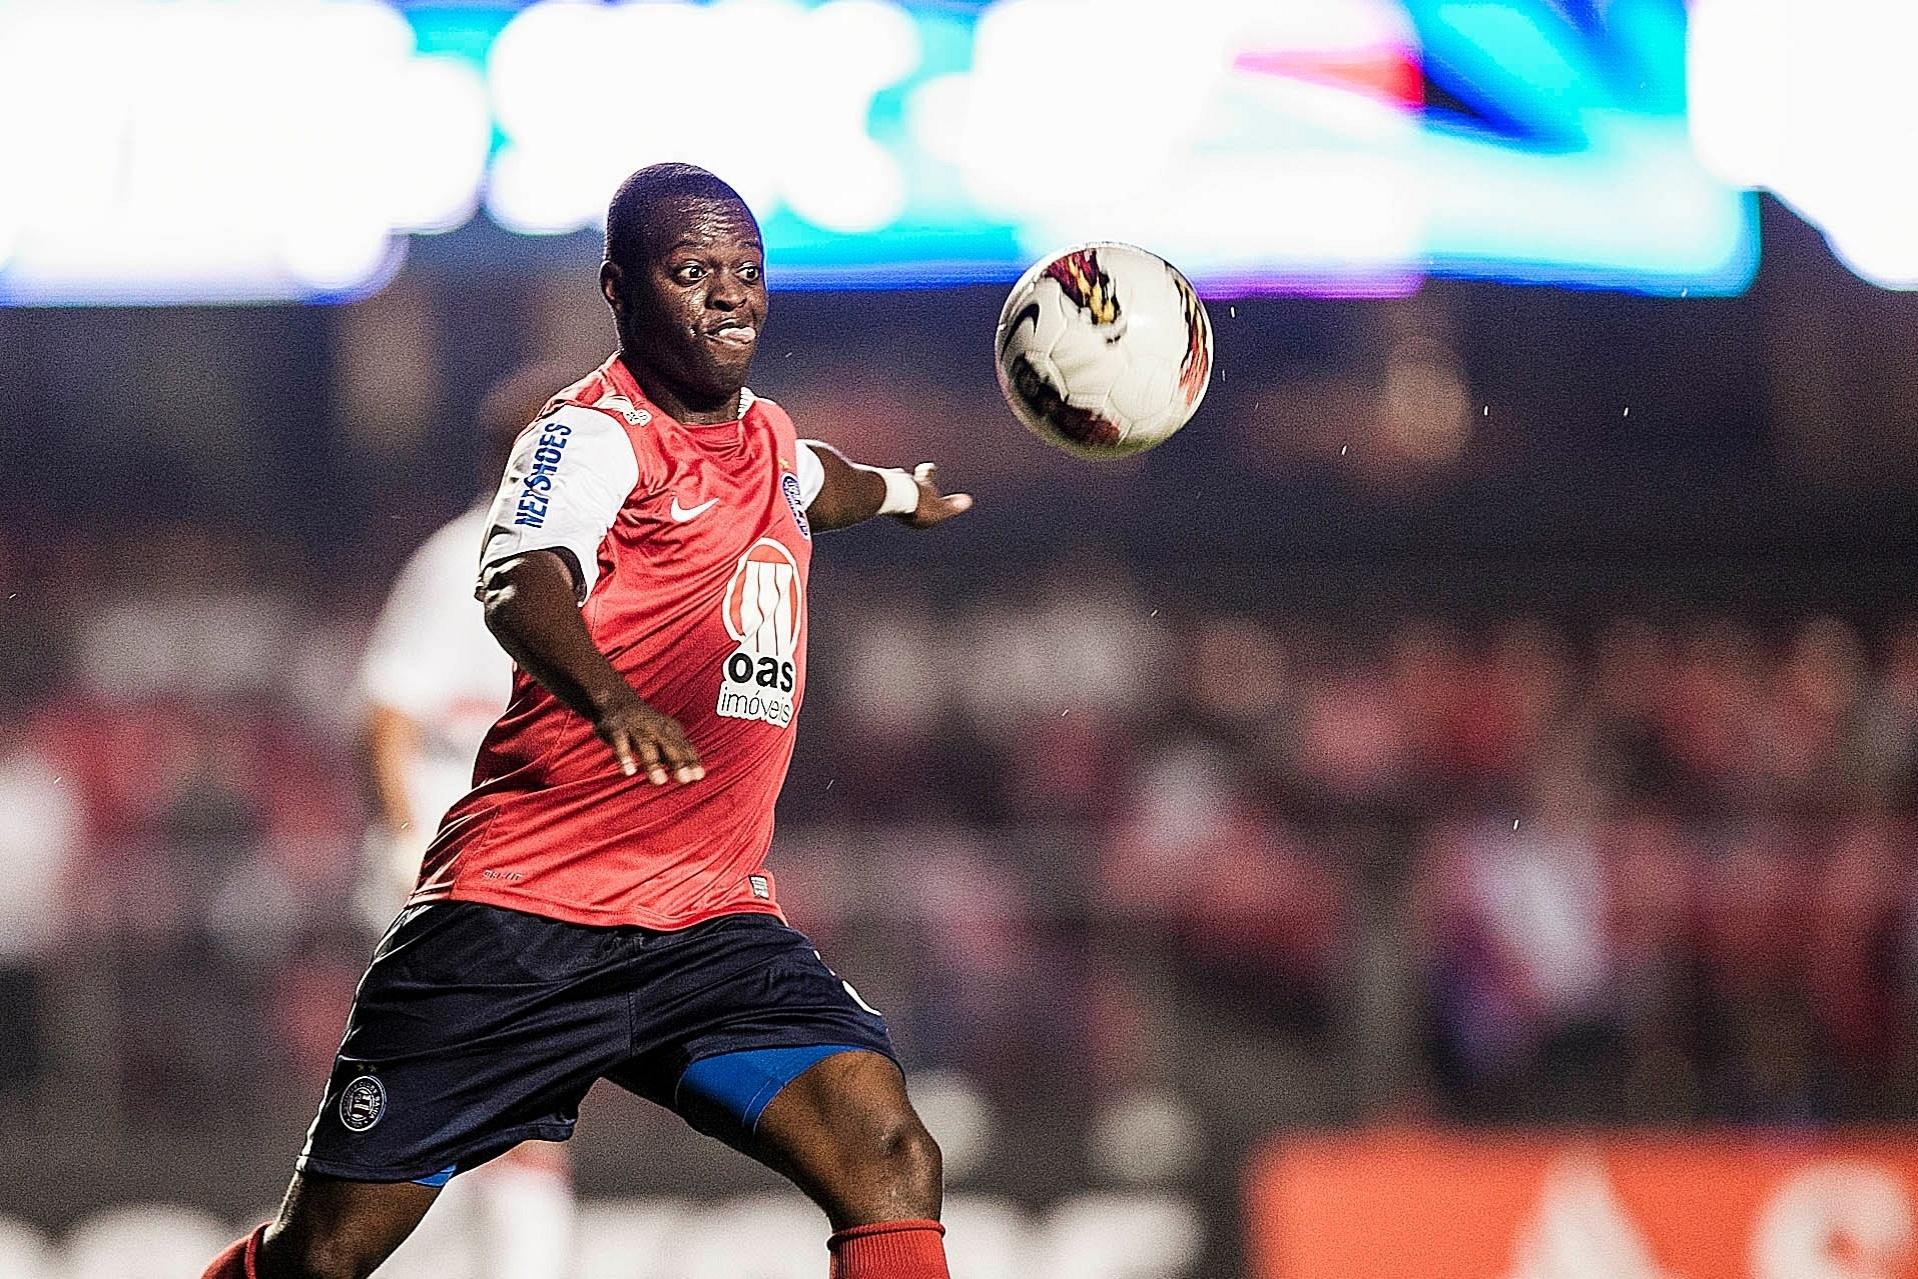 Zé Roberto tenta criar uma jogada ofensiva para o Bahia na partida contra o São Paulo no Morumbi